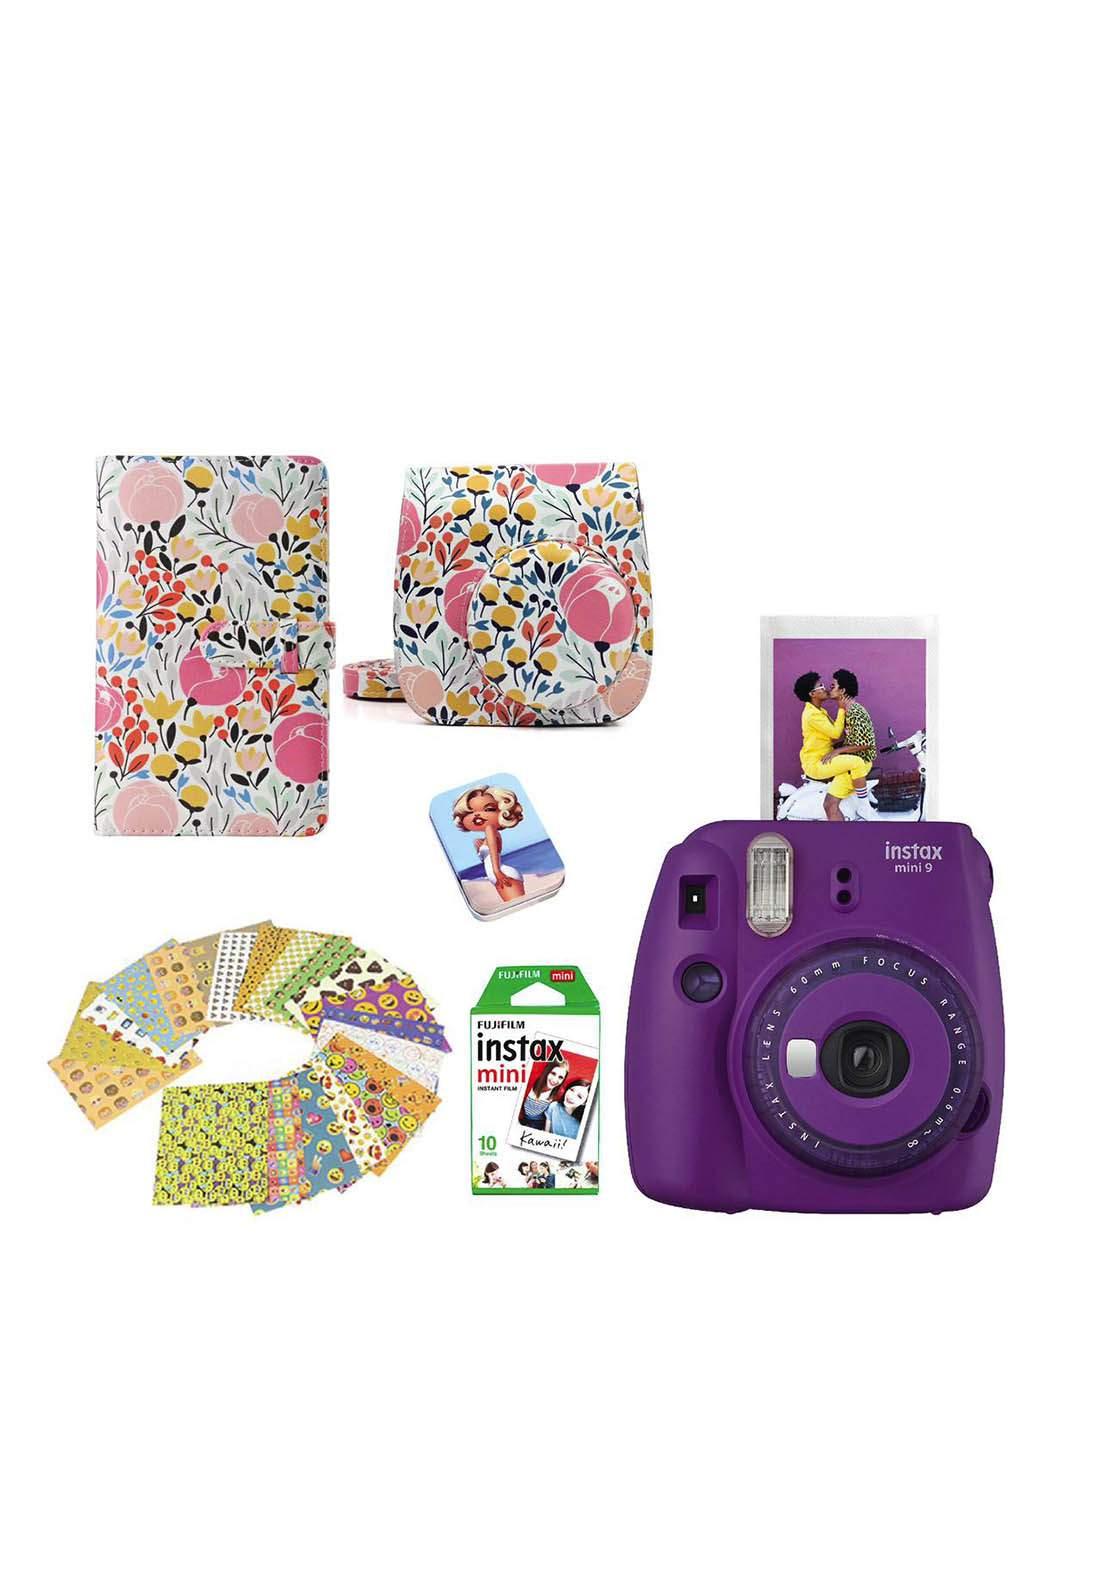 Fujifilm Instax LifeStyle Pack Mini9 Camera Package - Purple كاميرا فورية